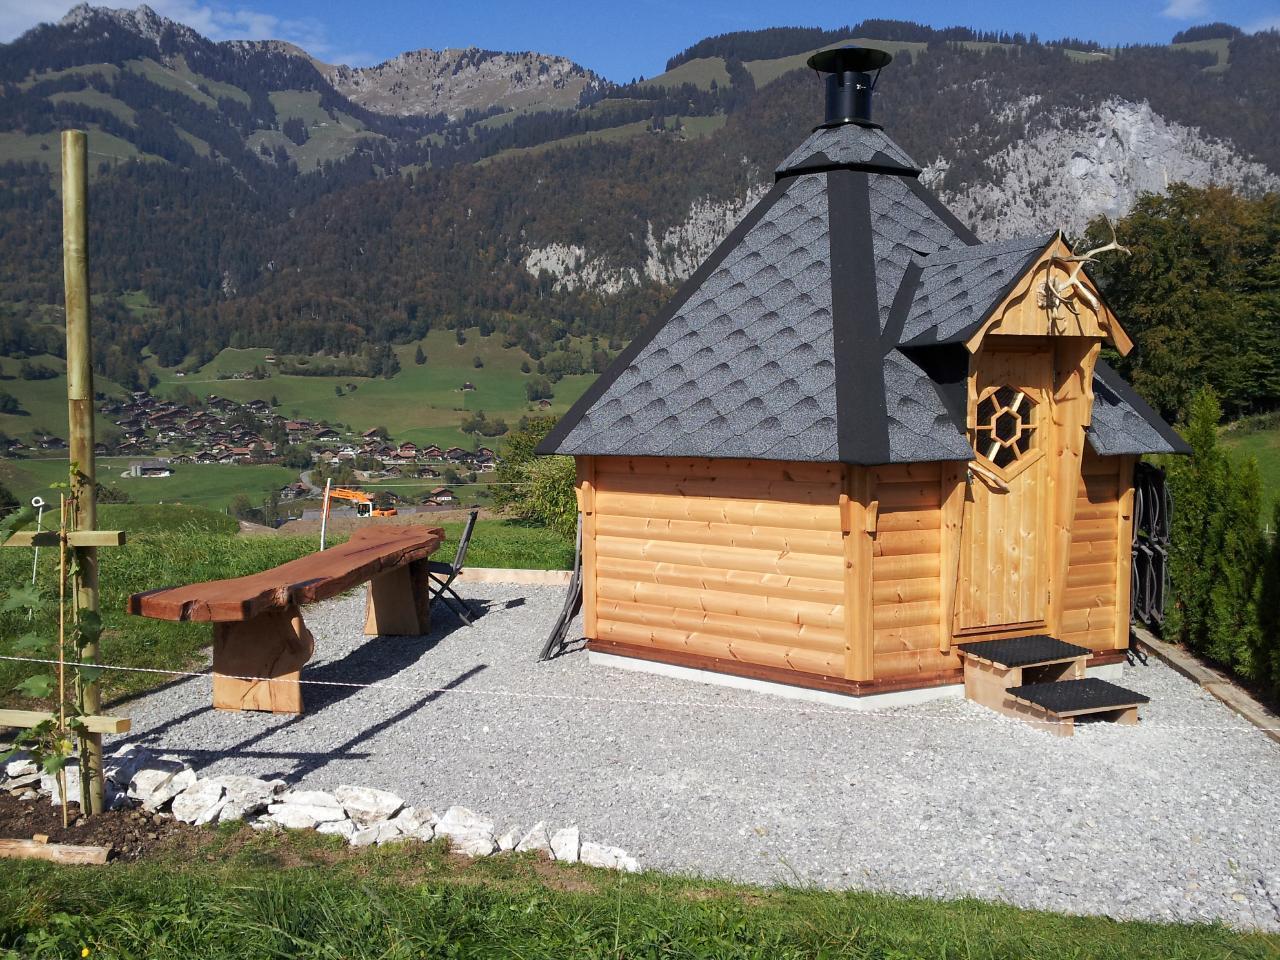 Appartement de vacances 2 Zimmer-Ferienwohnung im Altholz-Stil (2470618), Oey, Diemtigtal, Oberland bernois, Suisse, image 23